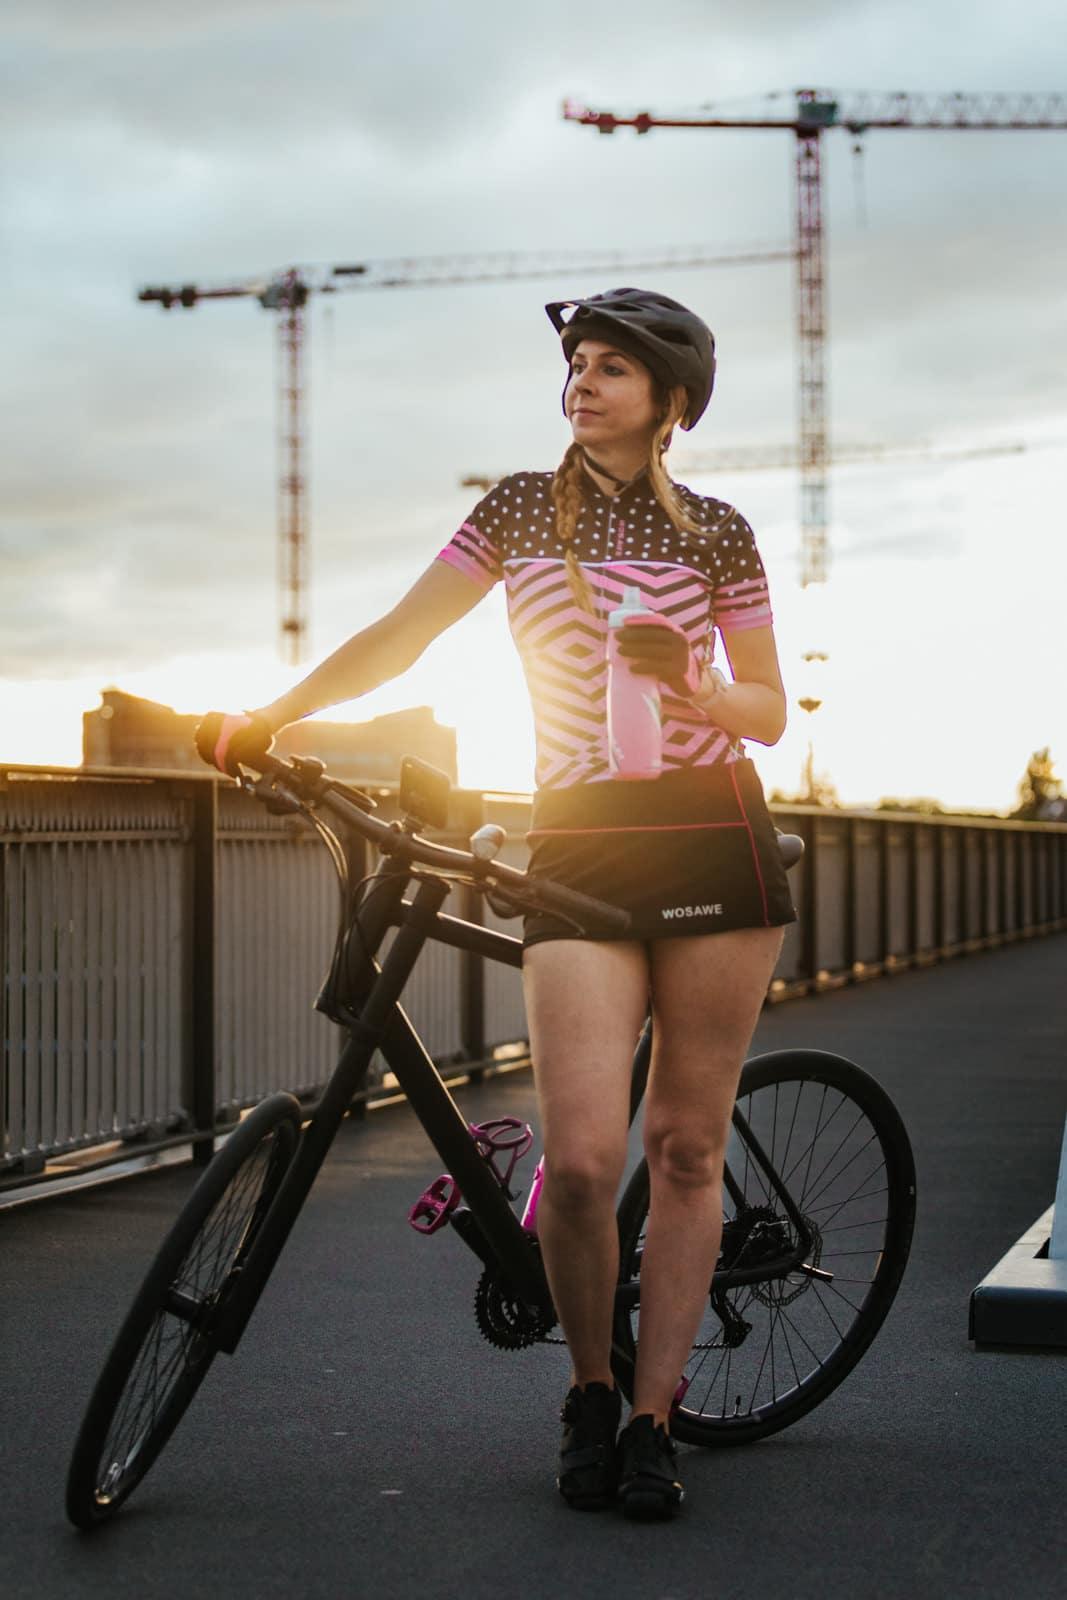 Frau steht mit pinken Radoberteil und Trinkflasche in Frankfurt angelehnt an ihr Cannondale Fahrrad